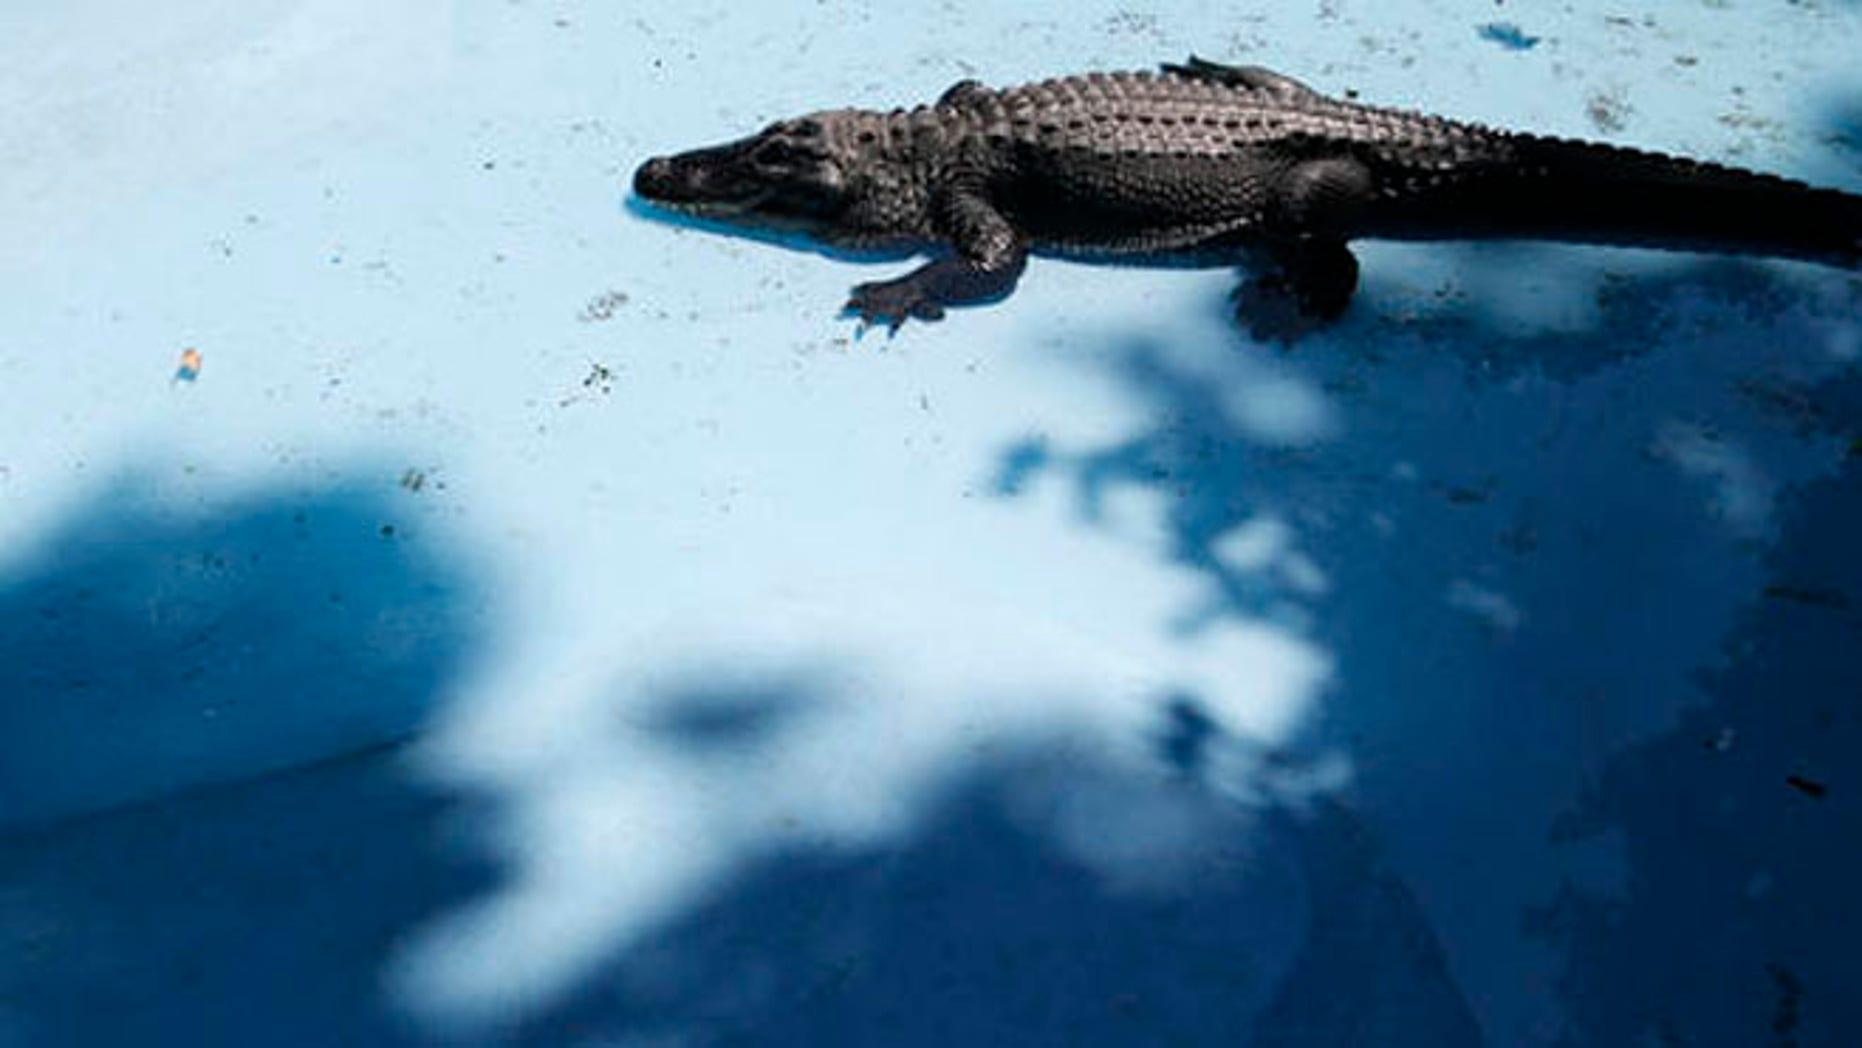 Muja the alligator moves in the pond in Belgrade Zoo, in Belgrade Serbia, Friday, Aug. 5, 2016. (AP Photo/Darko Vojinovic)